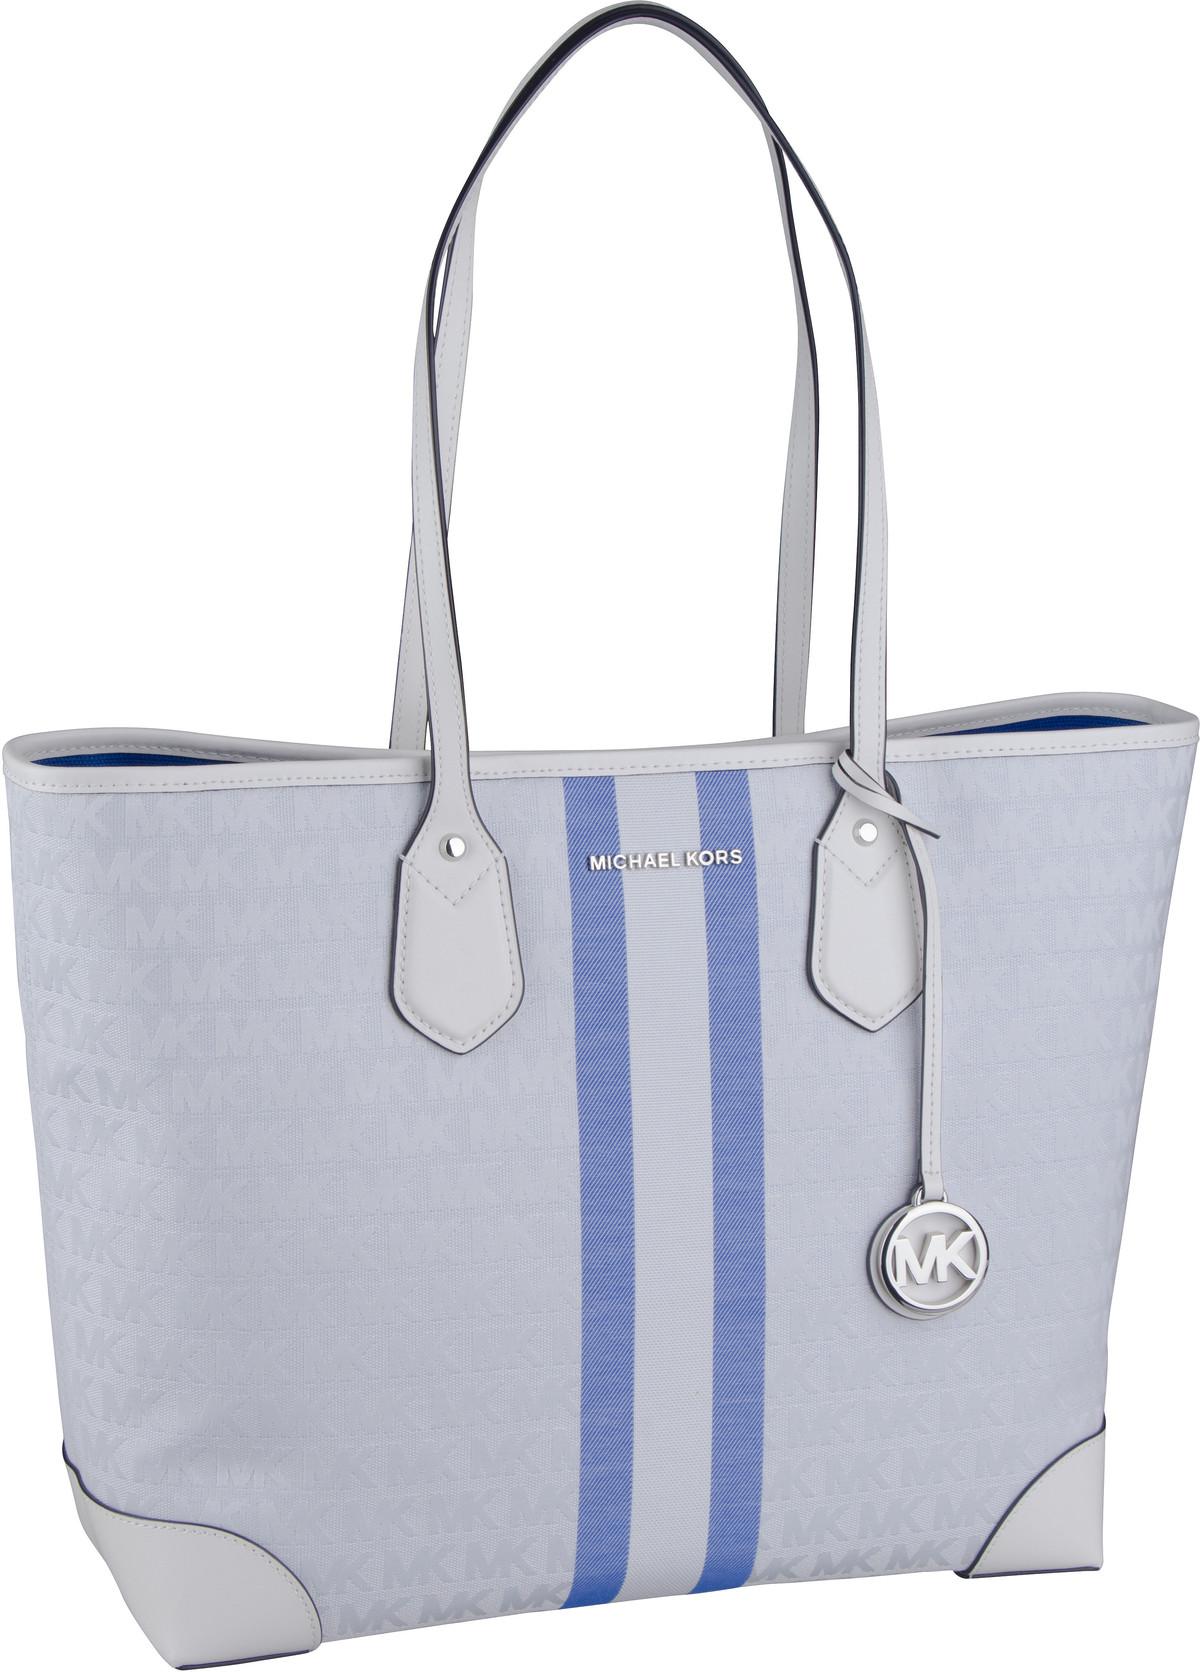 Michael Kors Shopper Eva Large Tote Stripe Grecian Blue Multi